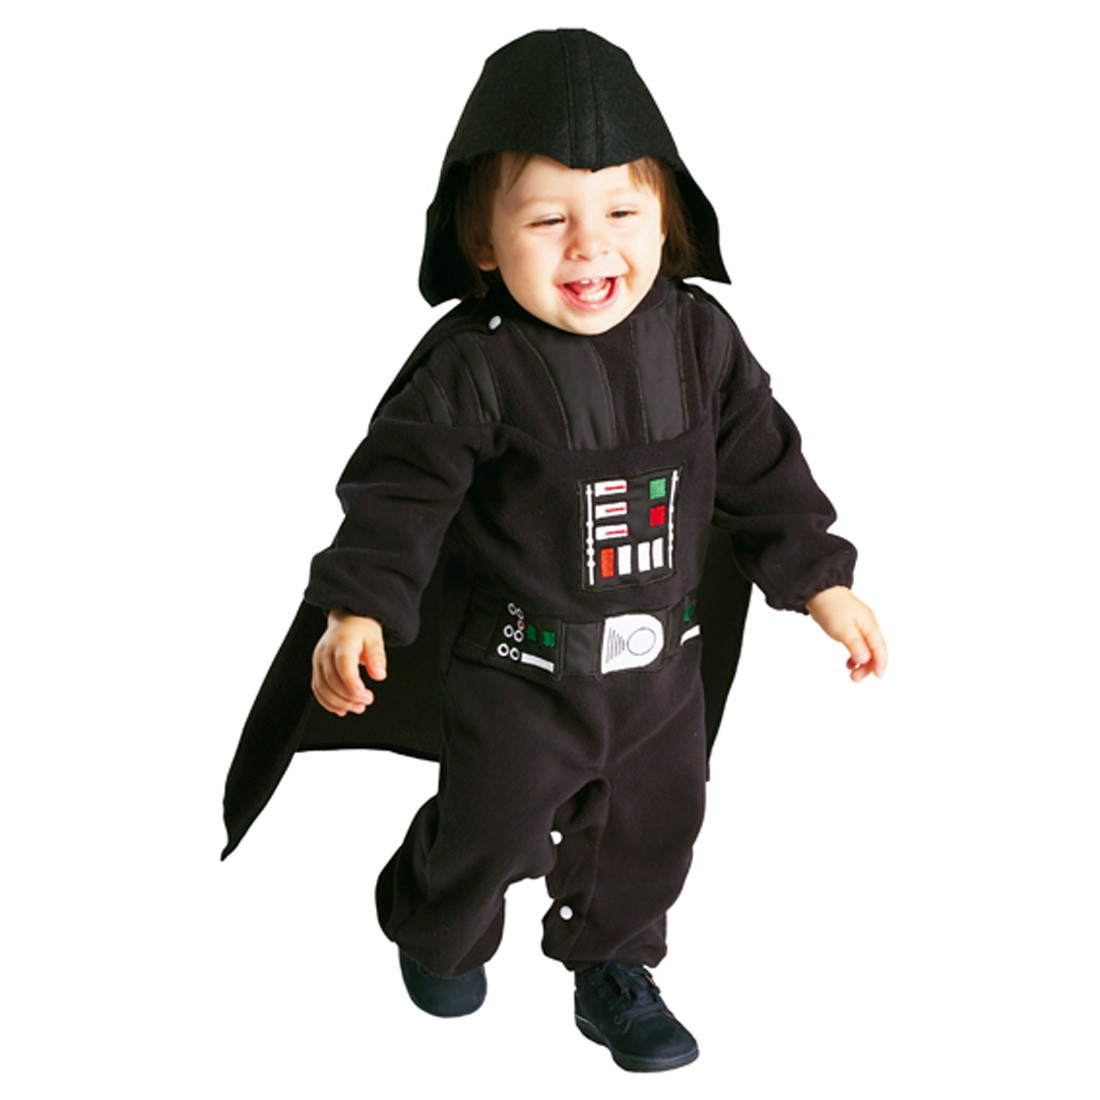 Darth Vader Kinder Kostüm Strampler Star Wars 2699